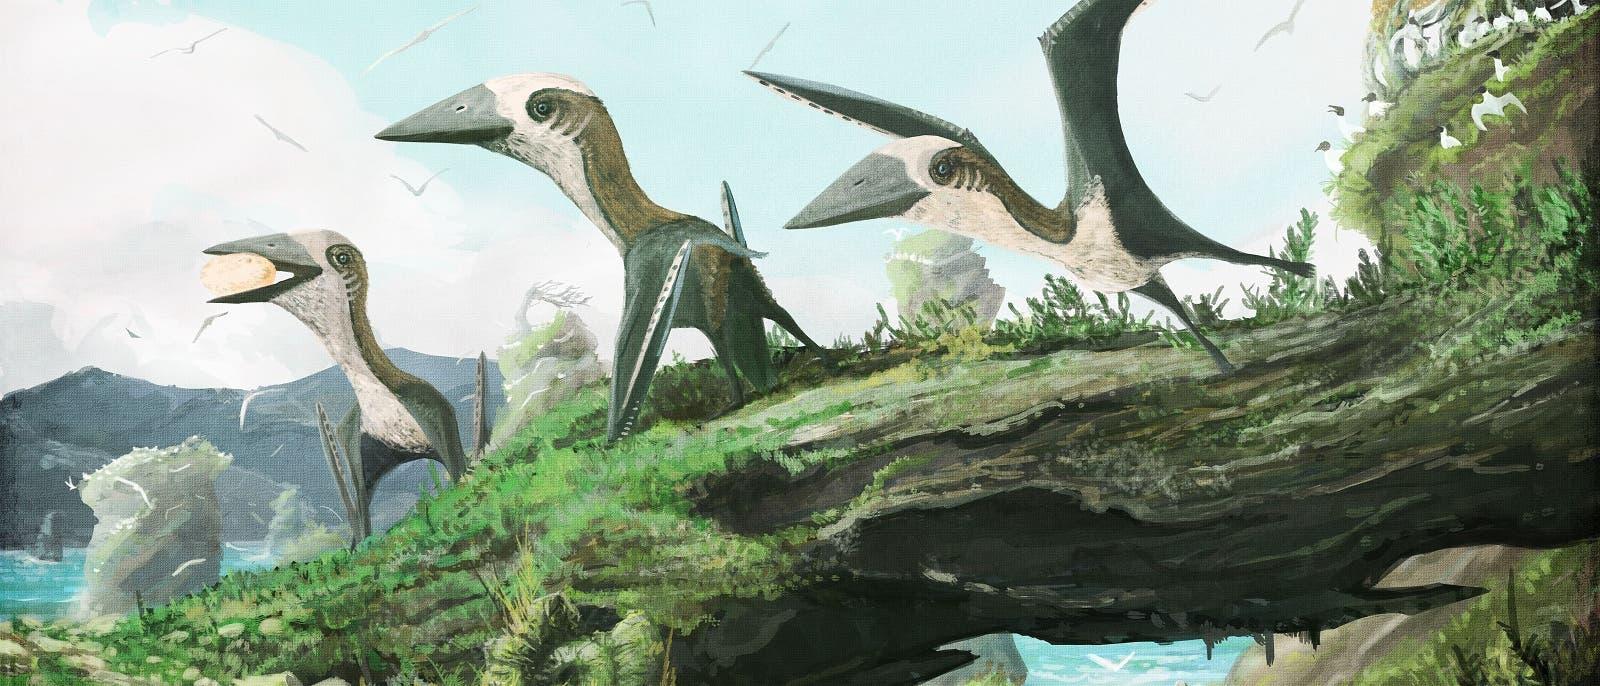 Flugsaurier aus der Gruppe der Azhdarchoidea